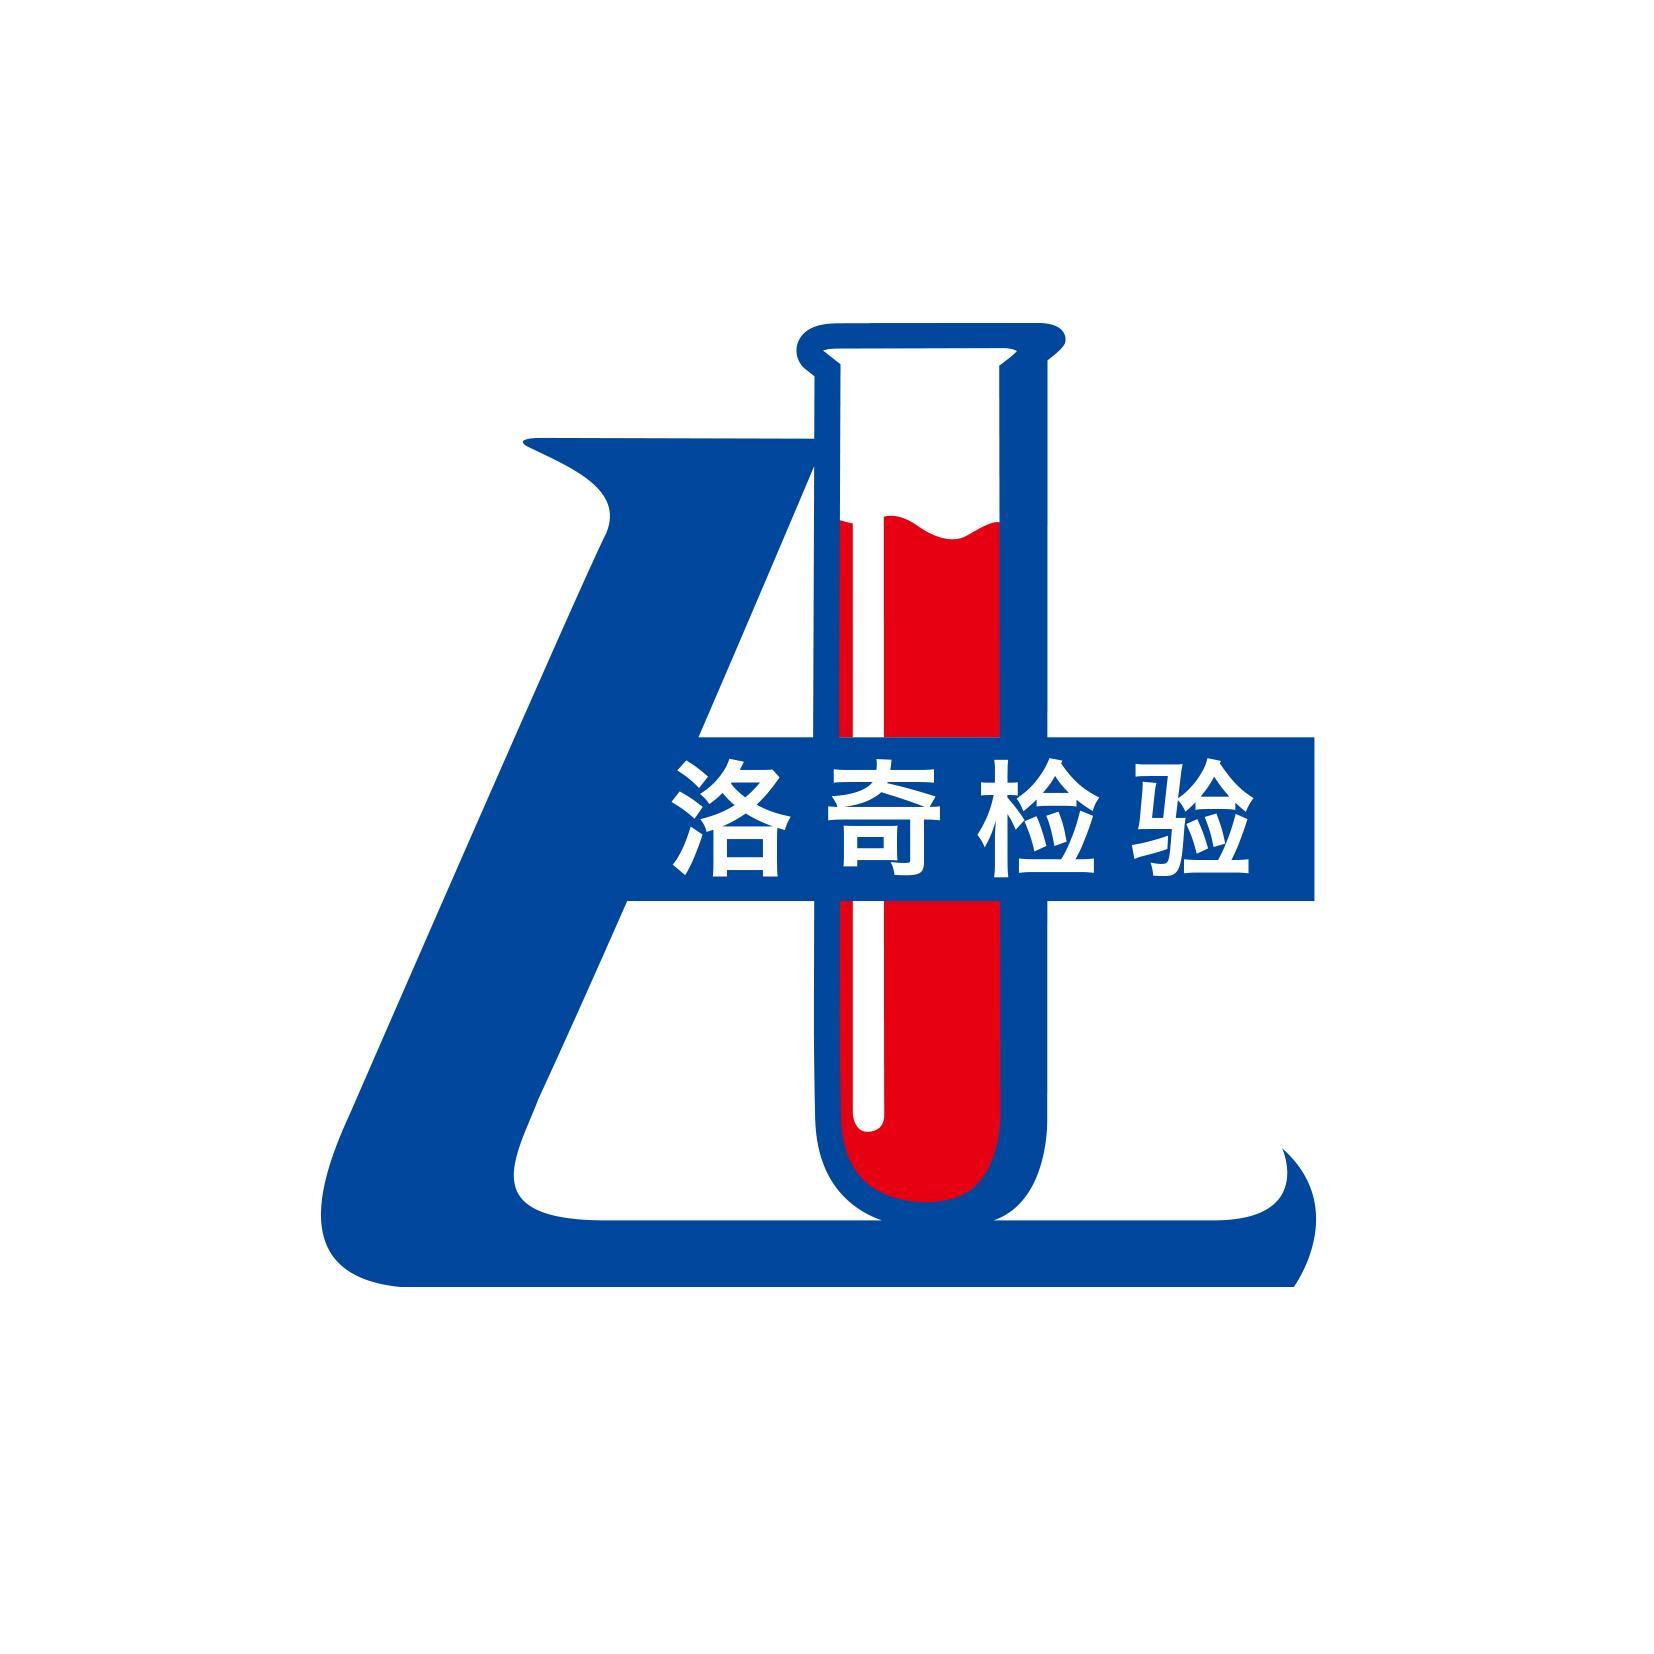 logo logo 标志 设计 矢量 矢量图 素材 图标 1654_1654